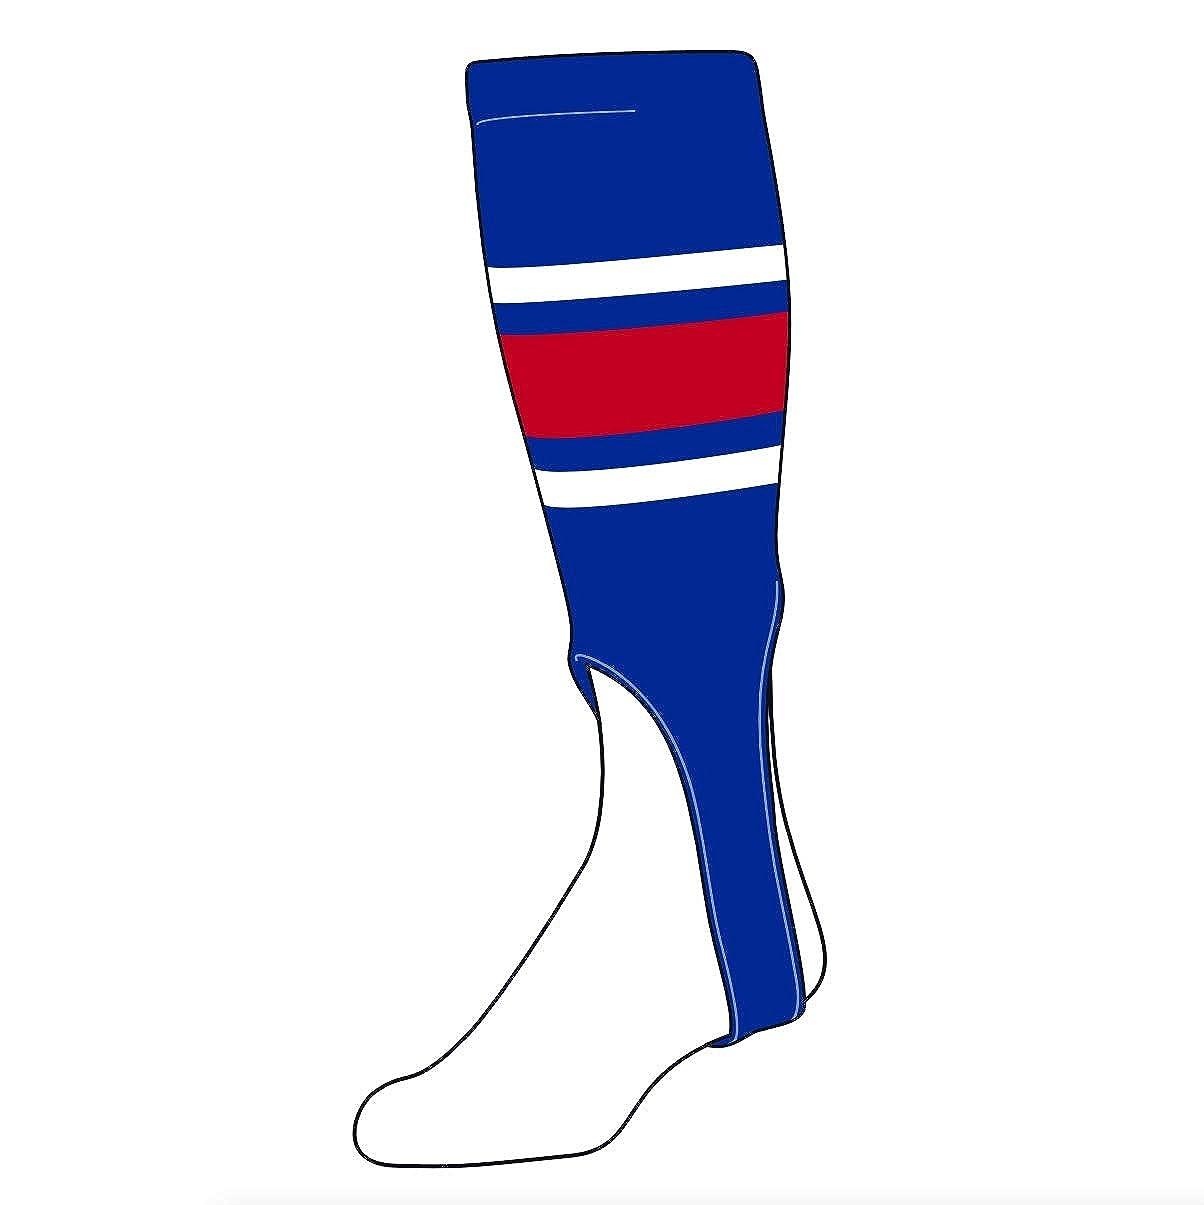 TCK Socks SOCKSHOSIERY サイズ: メンズ (16+ inch US サイズ: Large 19 inch (16+ years) B07N8FHYZ6, 足羽郡:8bf194d8 --- cgt-tbc.fr